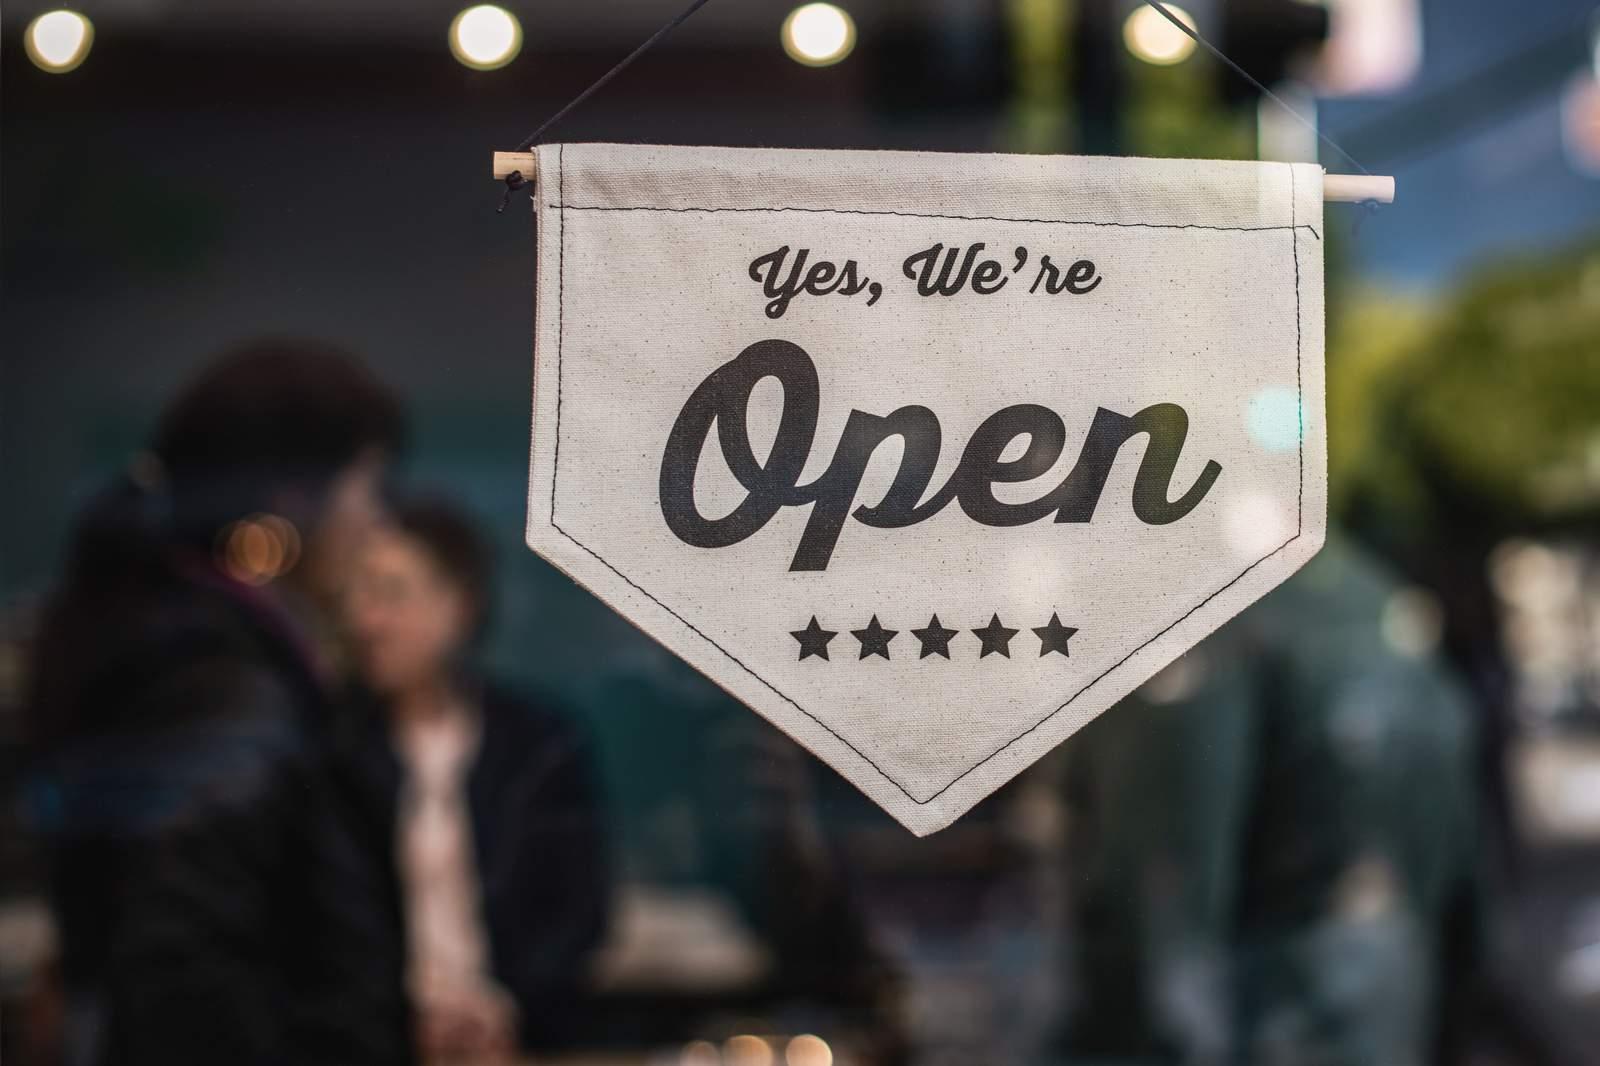 Aquí hay 8 formas en que puede apoyar a las pequeñas empresas de Houston que se ven afectadas por la pandemia de coronavirus 42